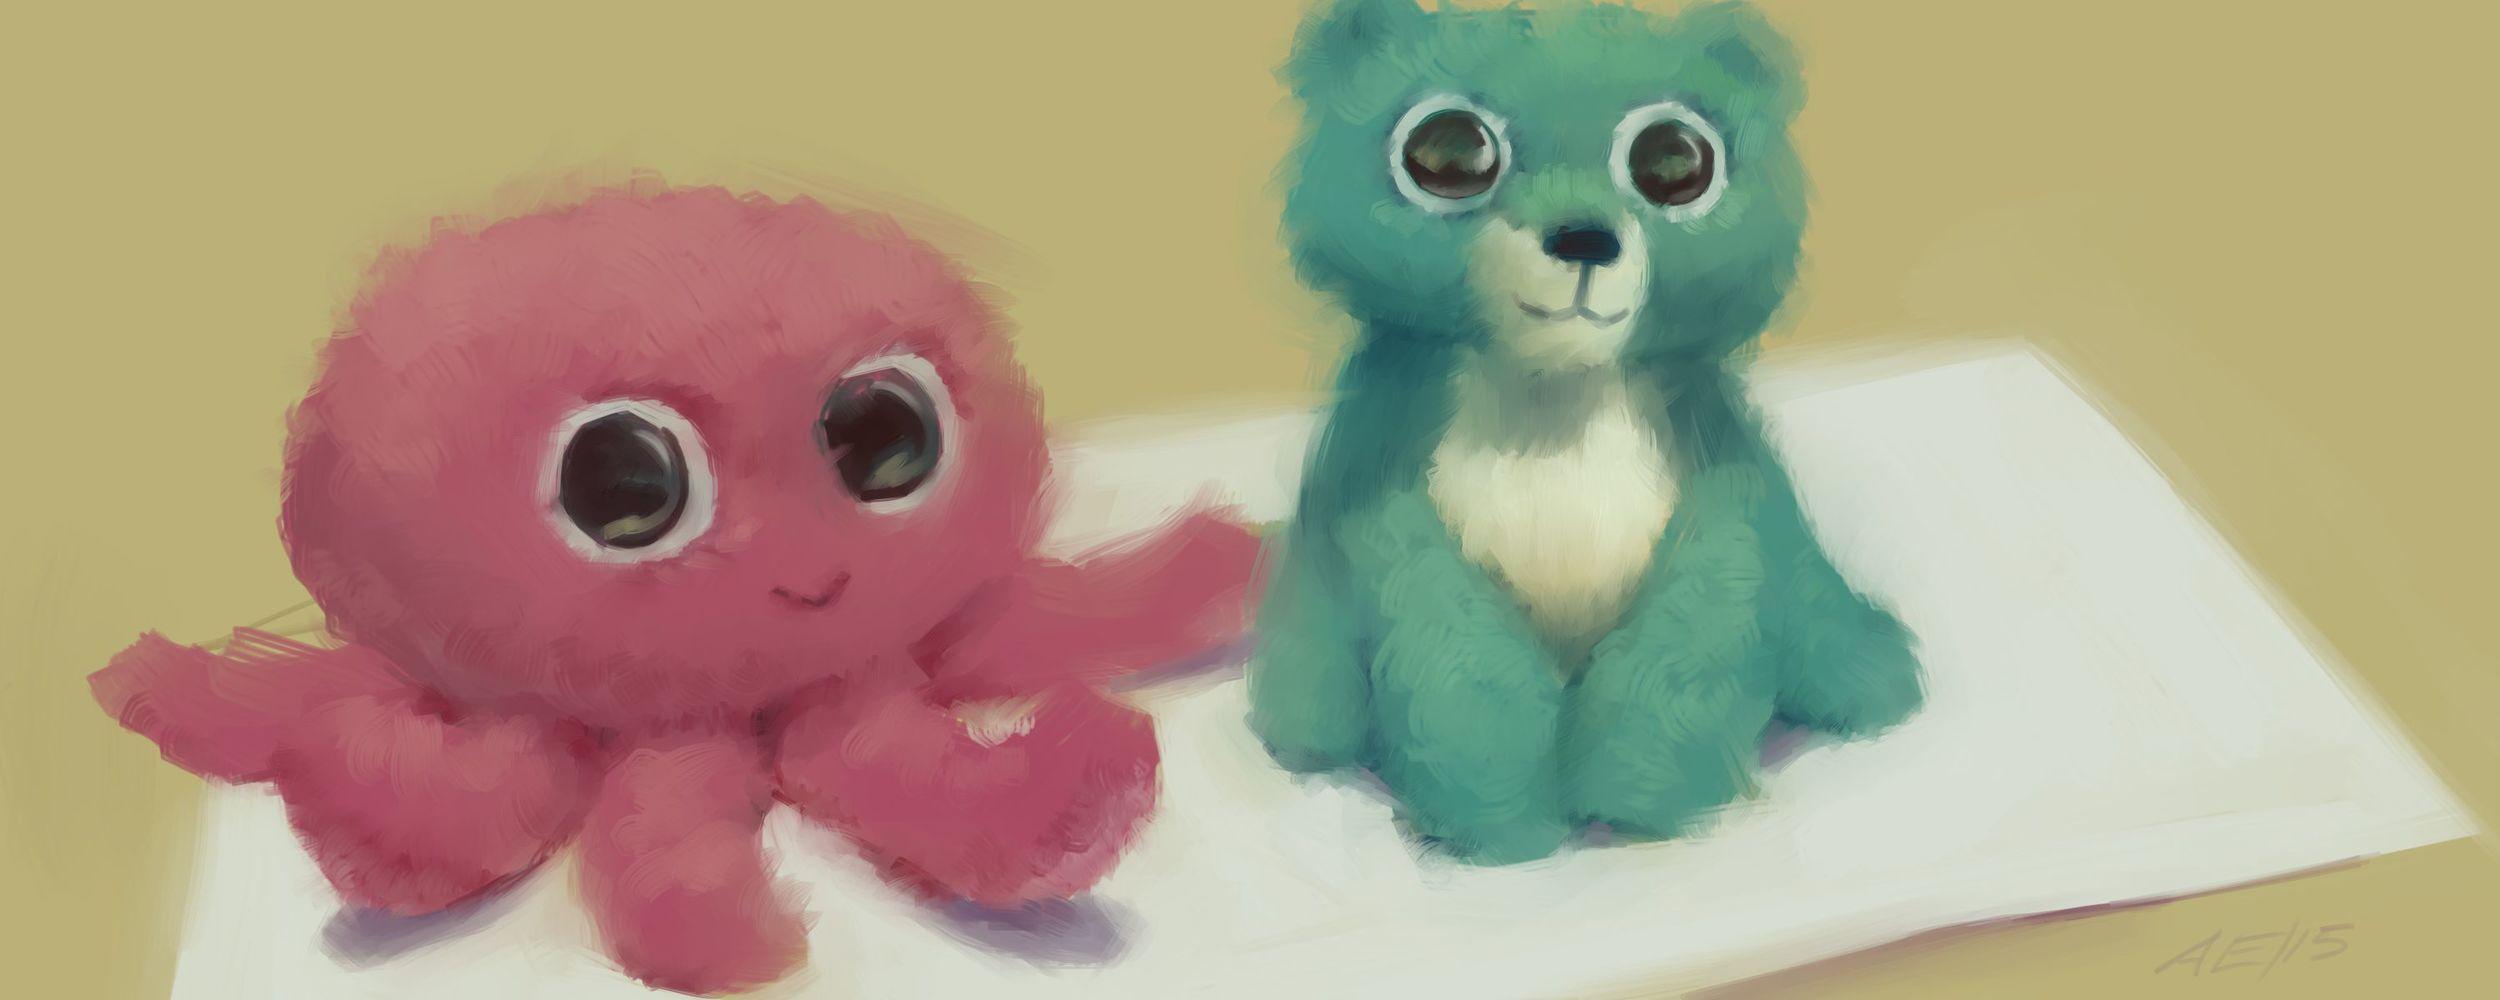 Stuffed and Cute